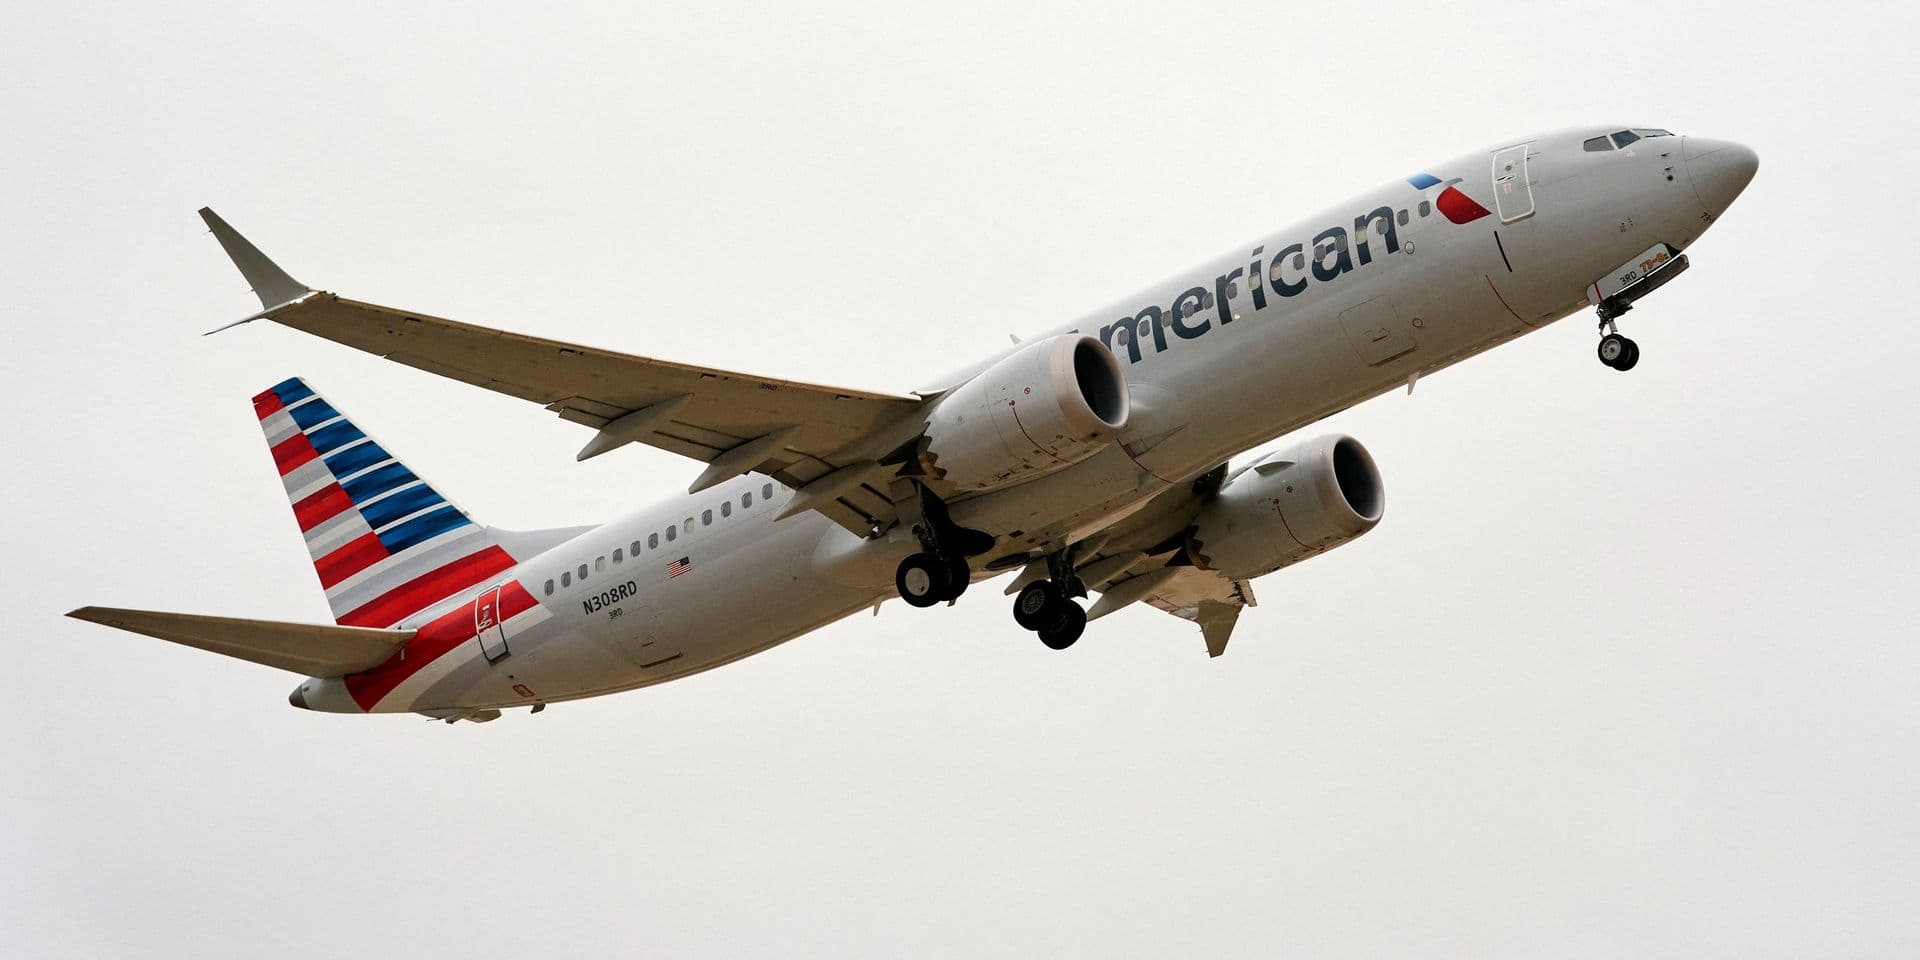 Pour s'excuser du retard, un pilote d'un avion de ligne offre des pizzas à tous les passagers